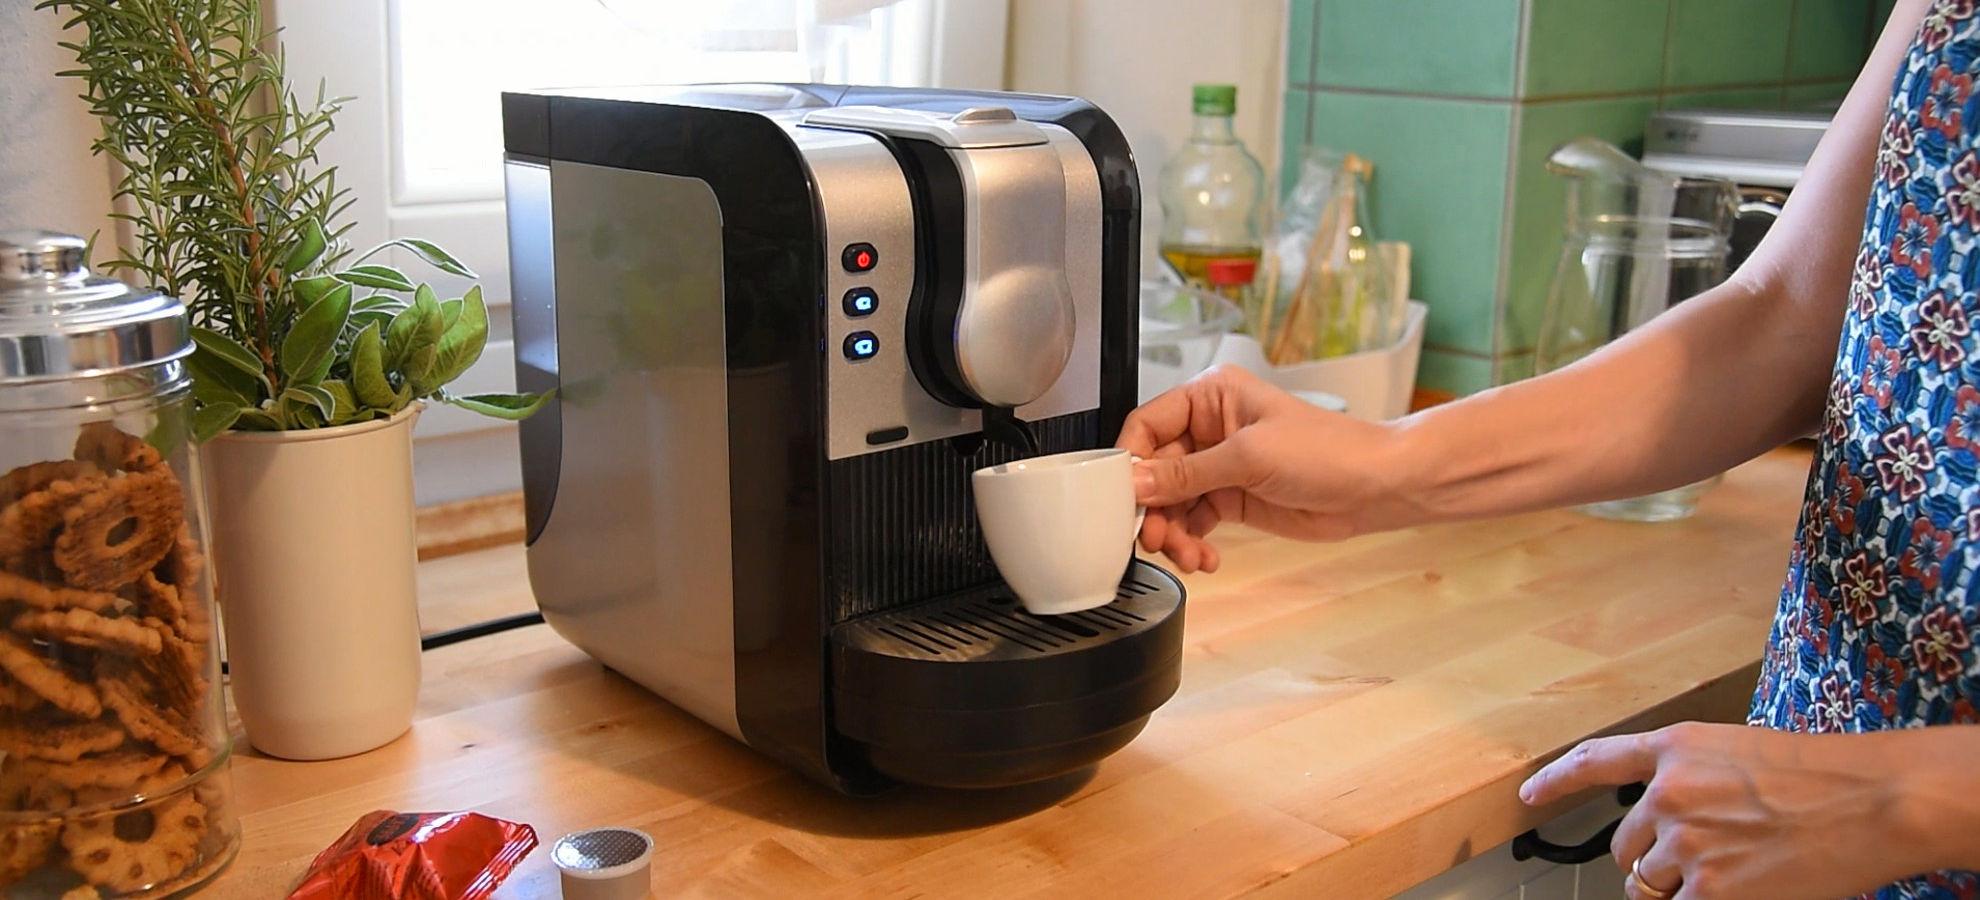 Panafè-macchine-caps-per-il-caffè